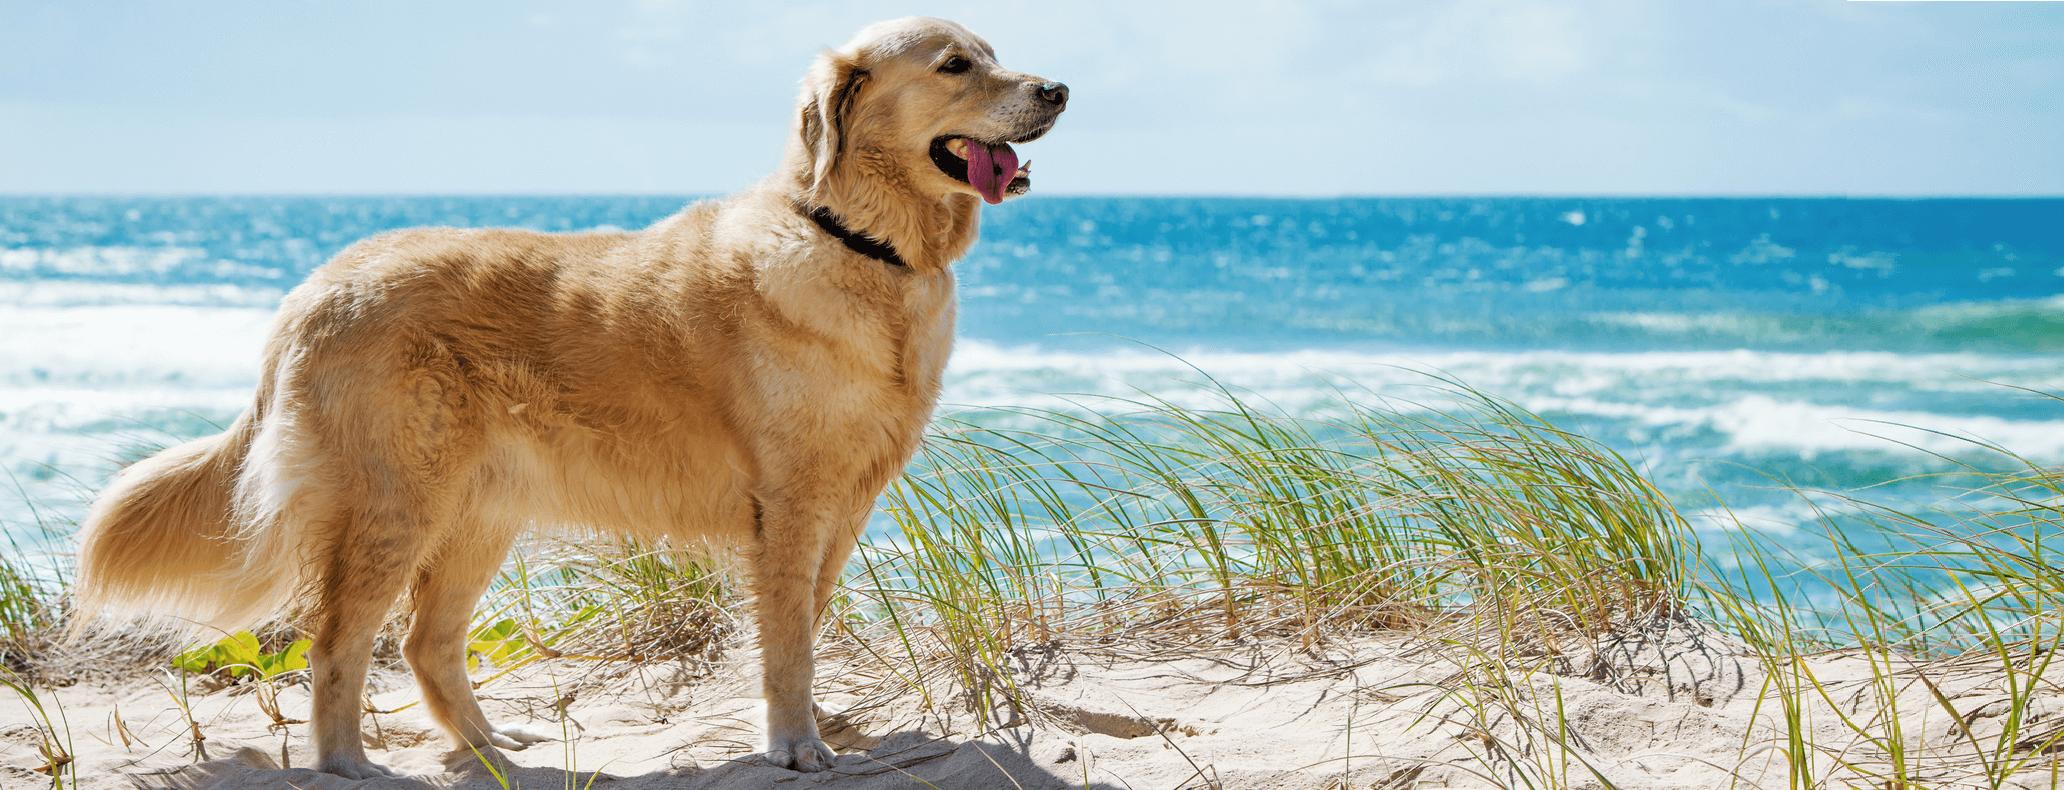 Dog by beach.